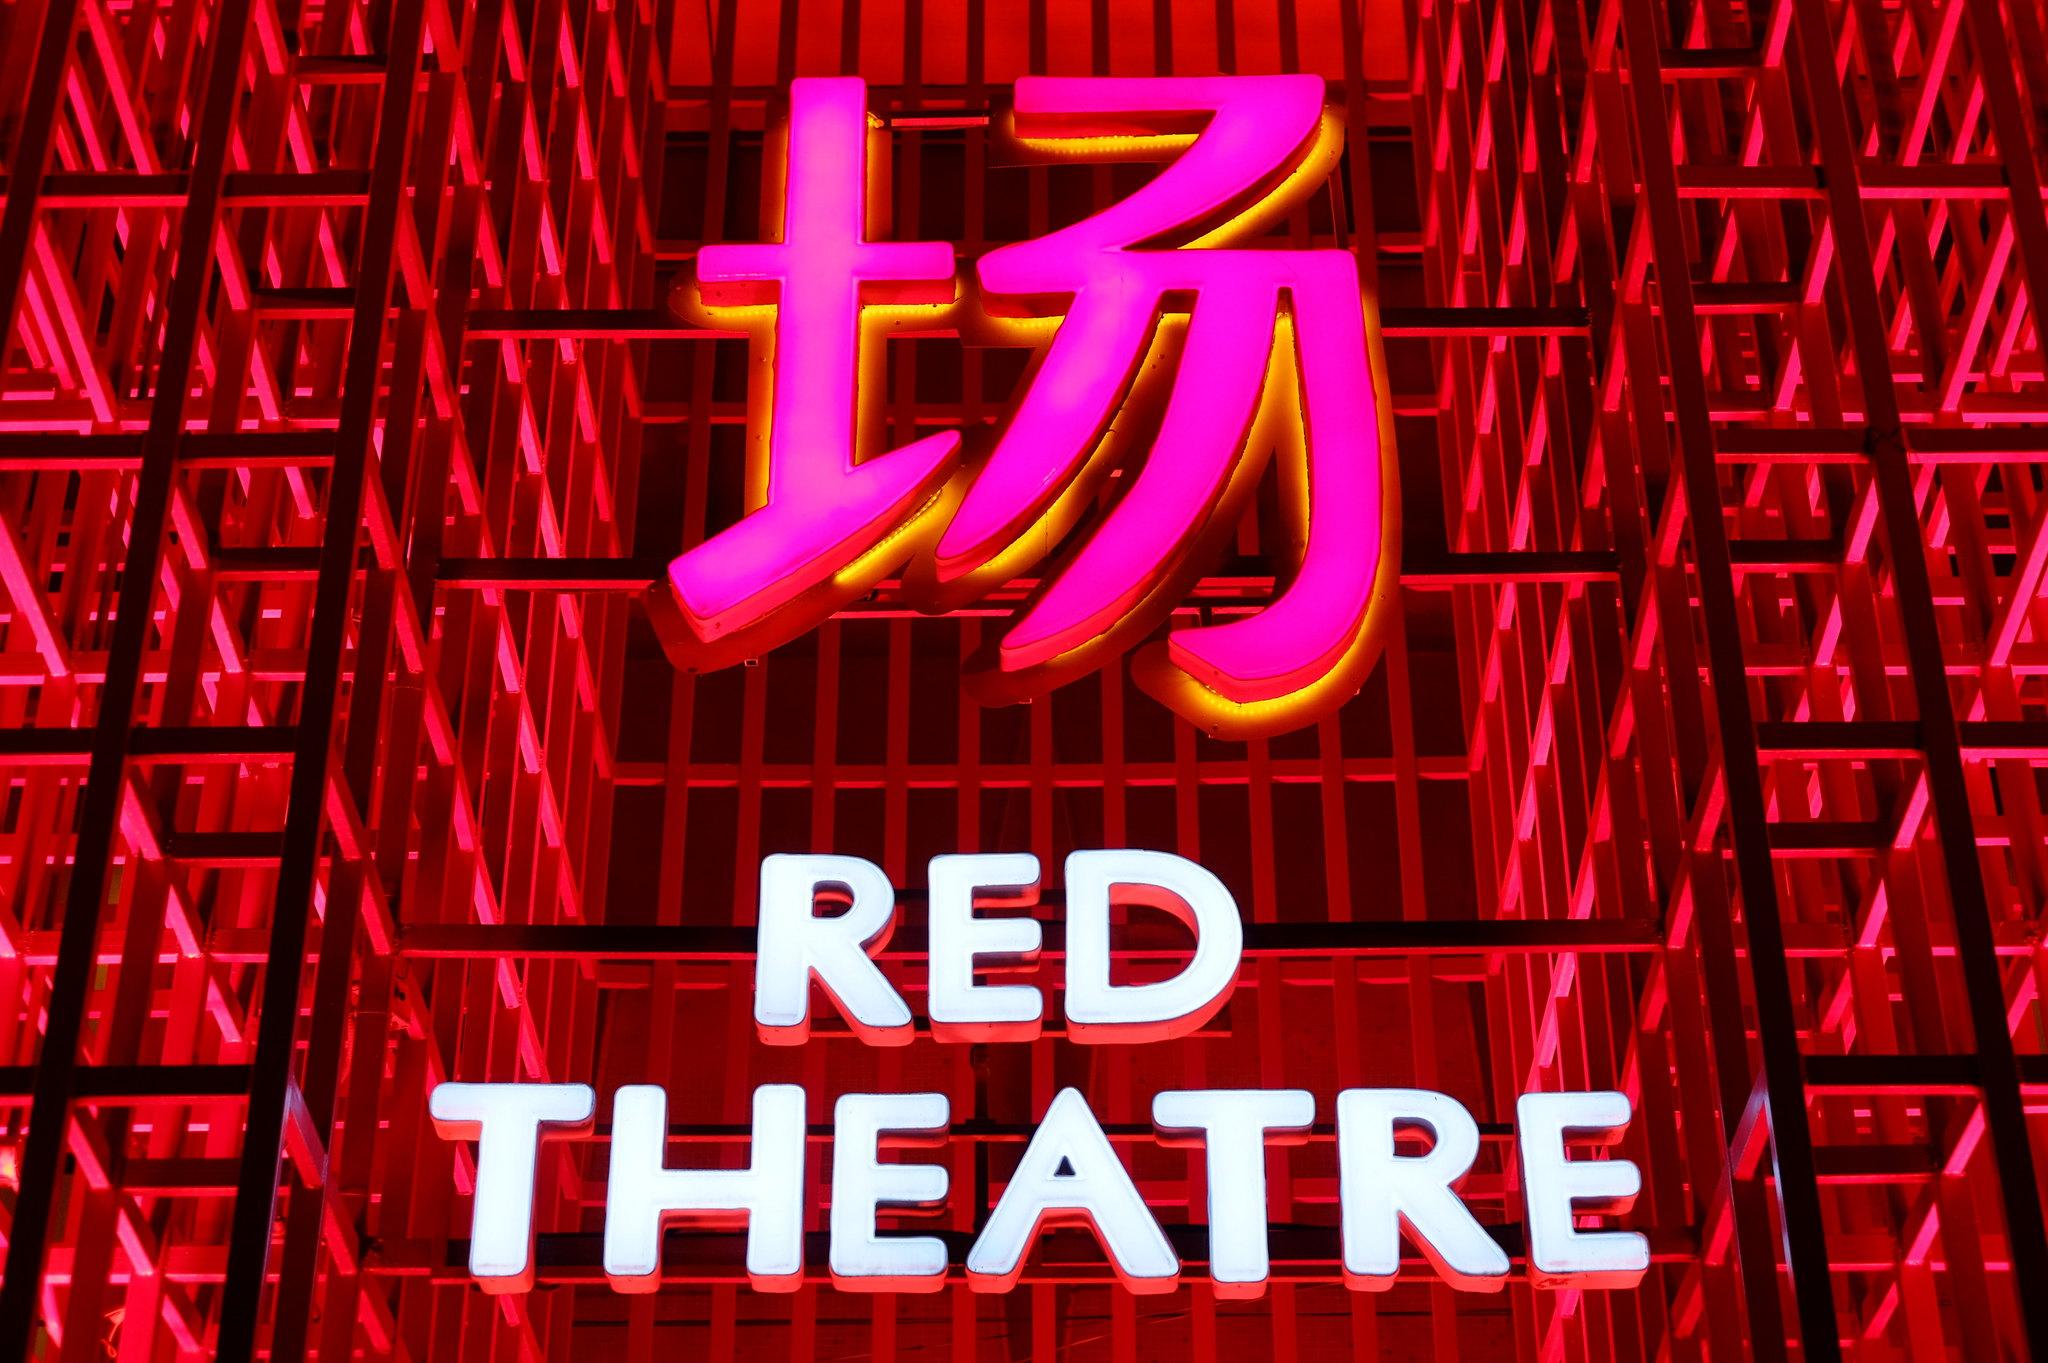 RedTheatre